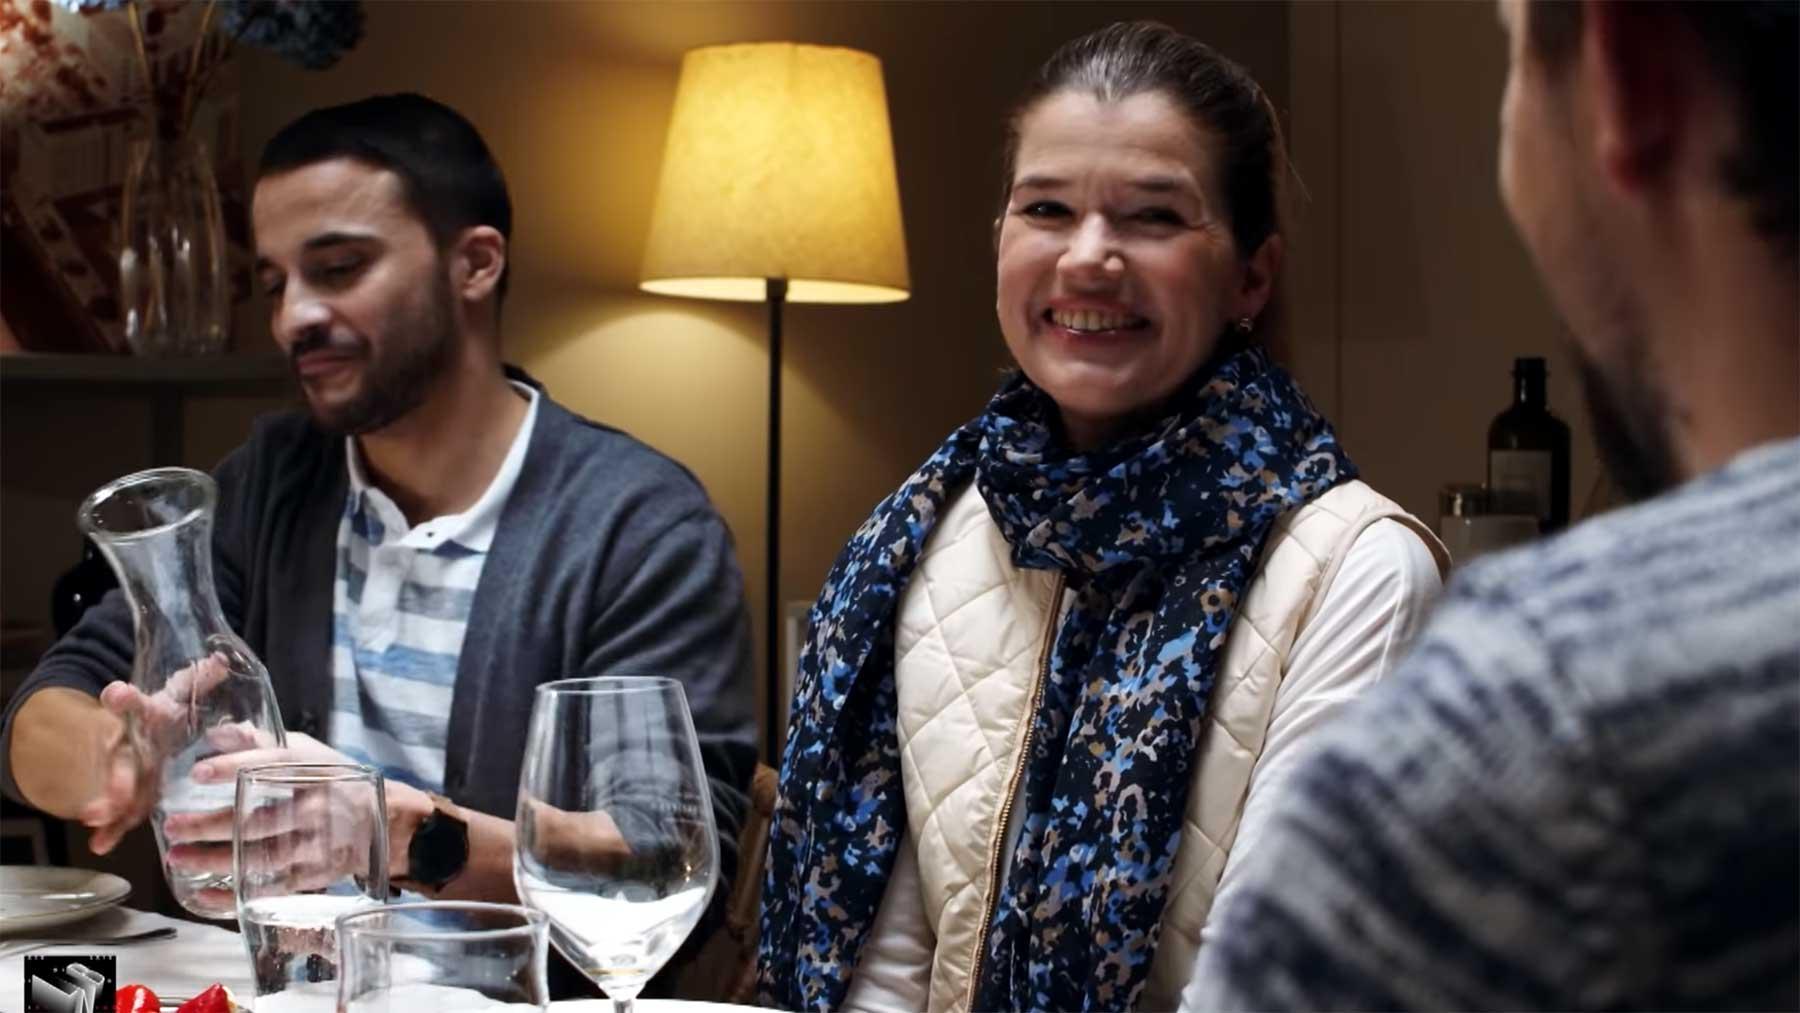 Klaas, Anke Engelke & Kostja Ullmann beim deutschen Klischee-Abendessen